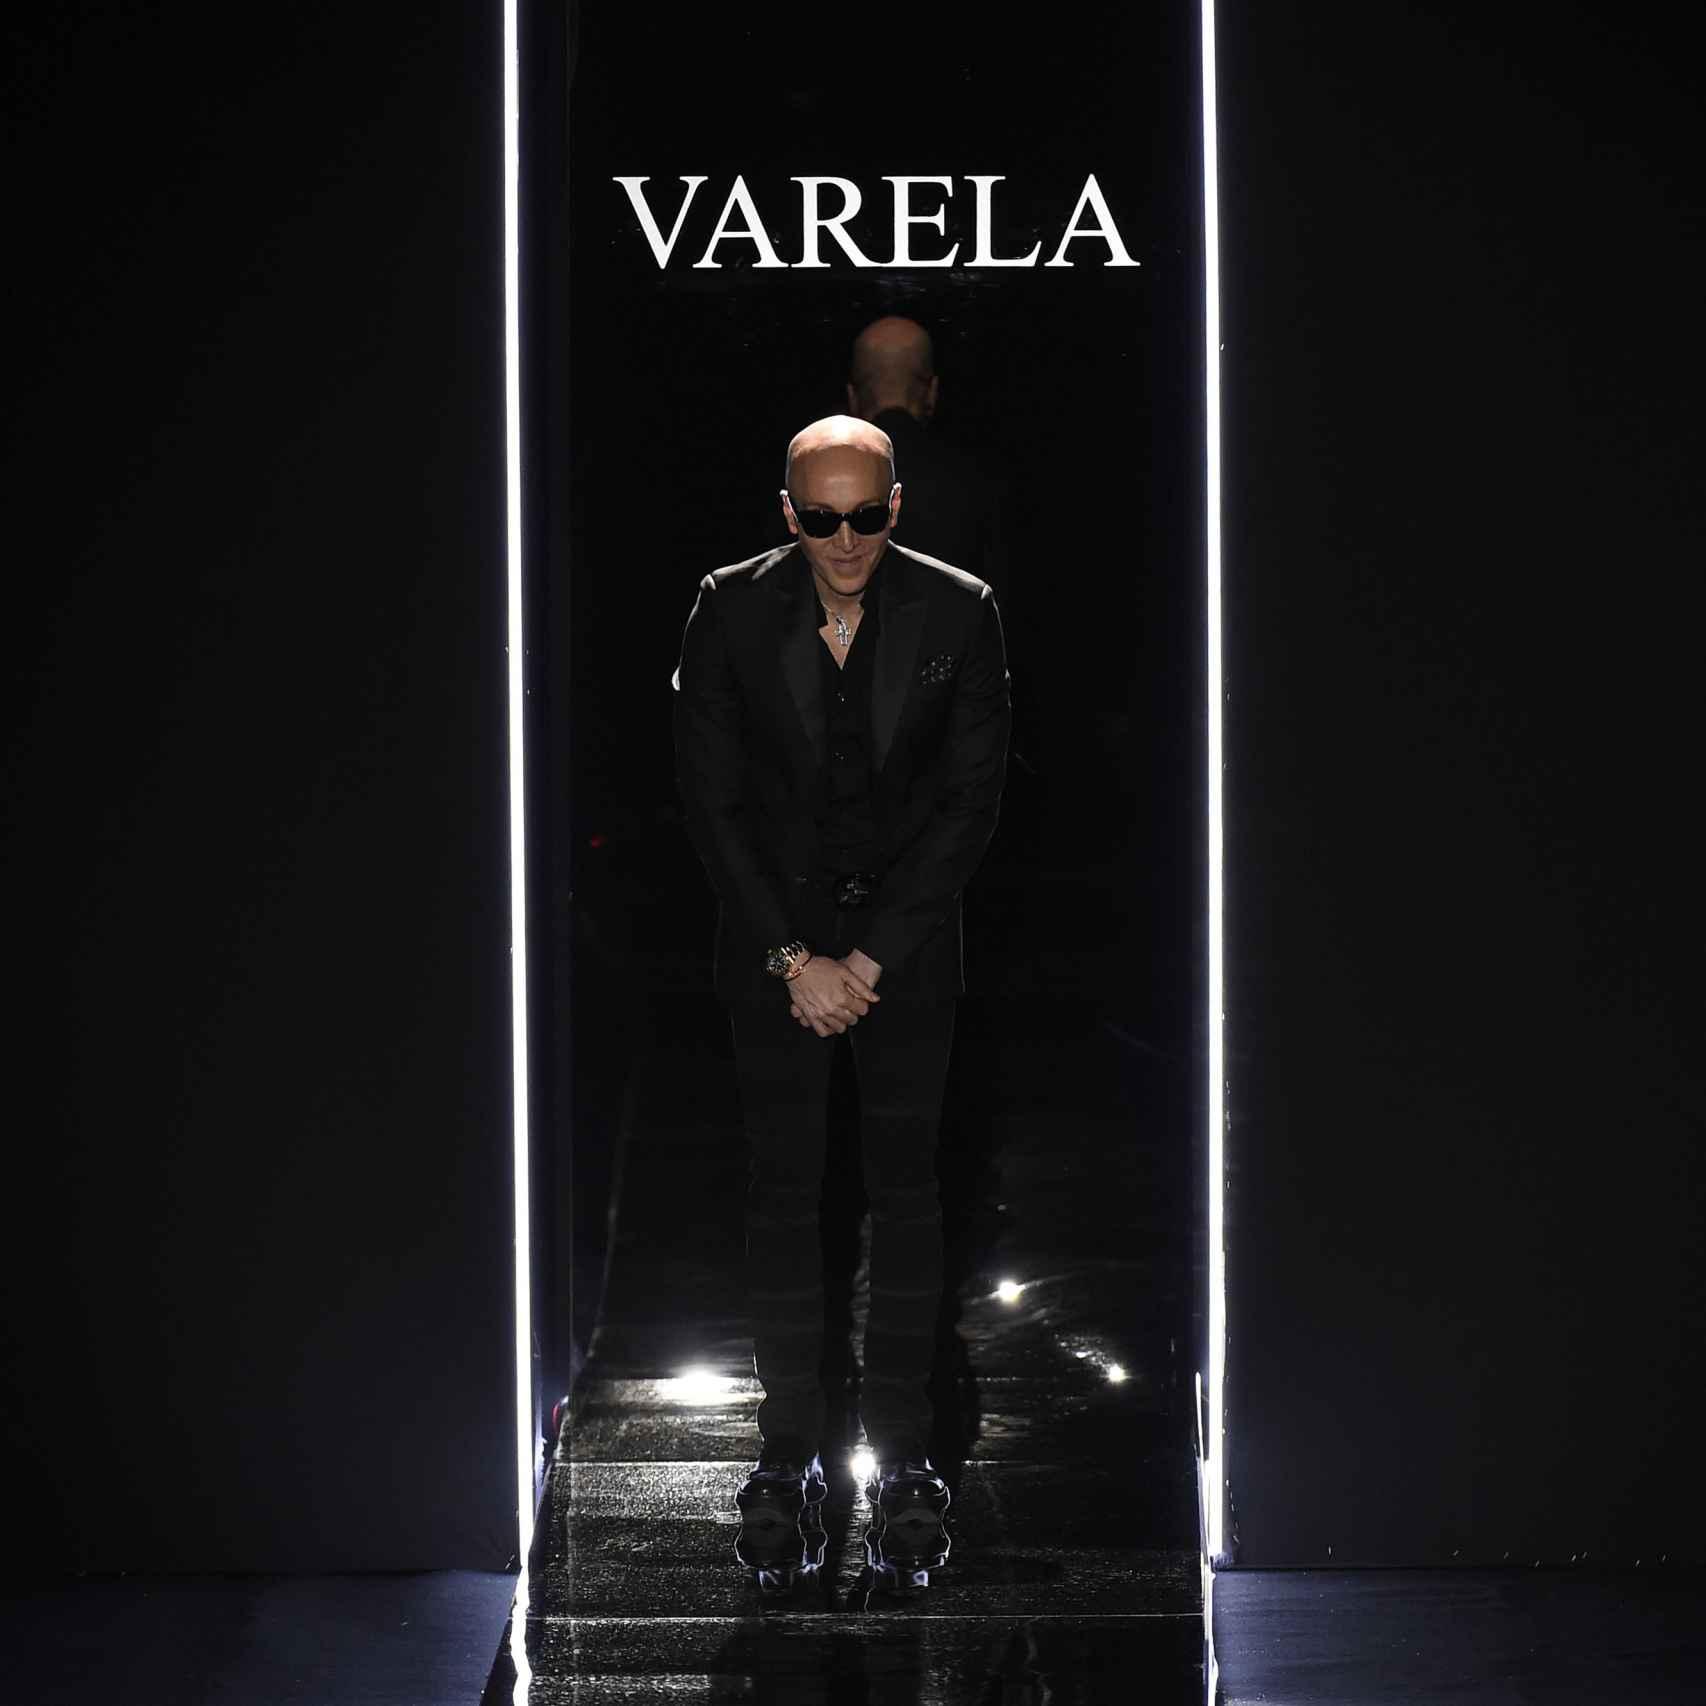 Felipe Varela no concede entrevistas desde que viste a Doña Letizia